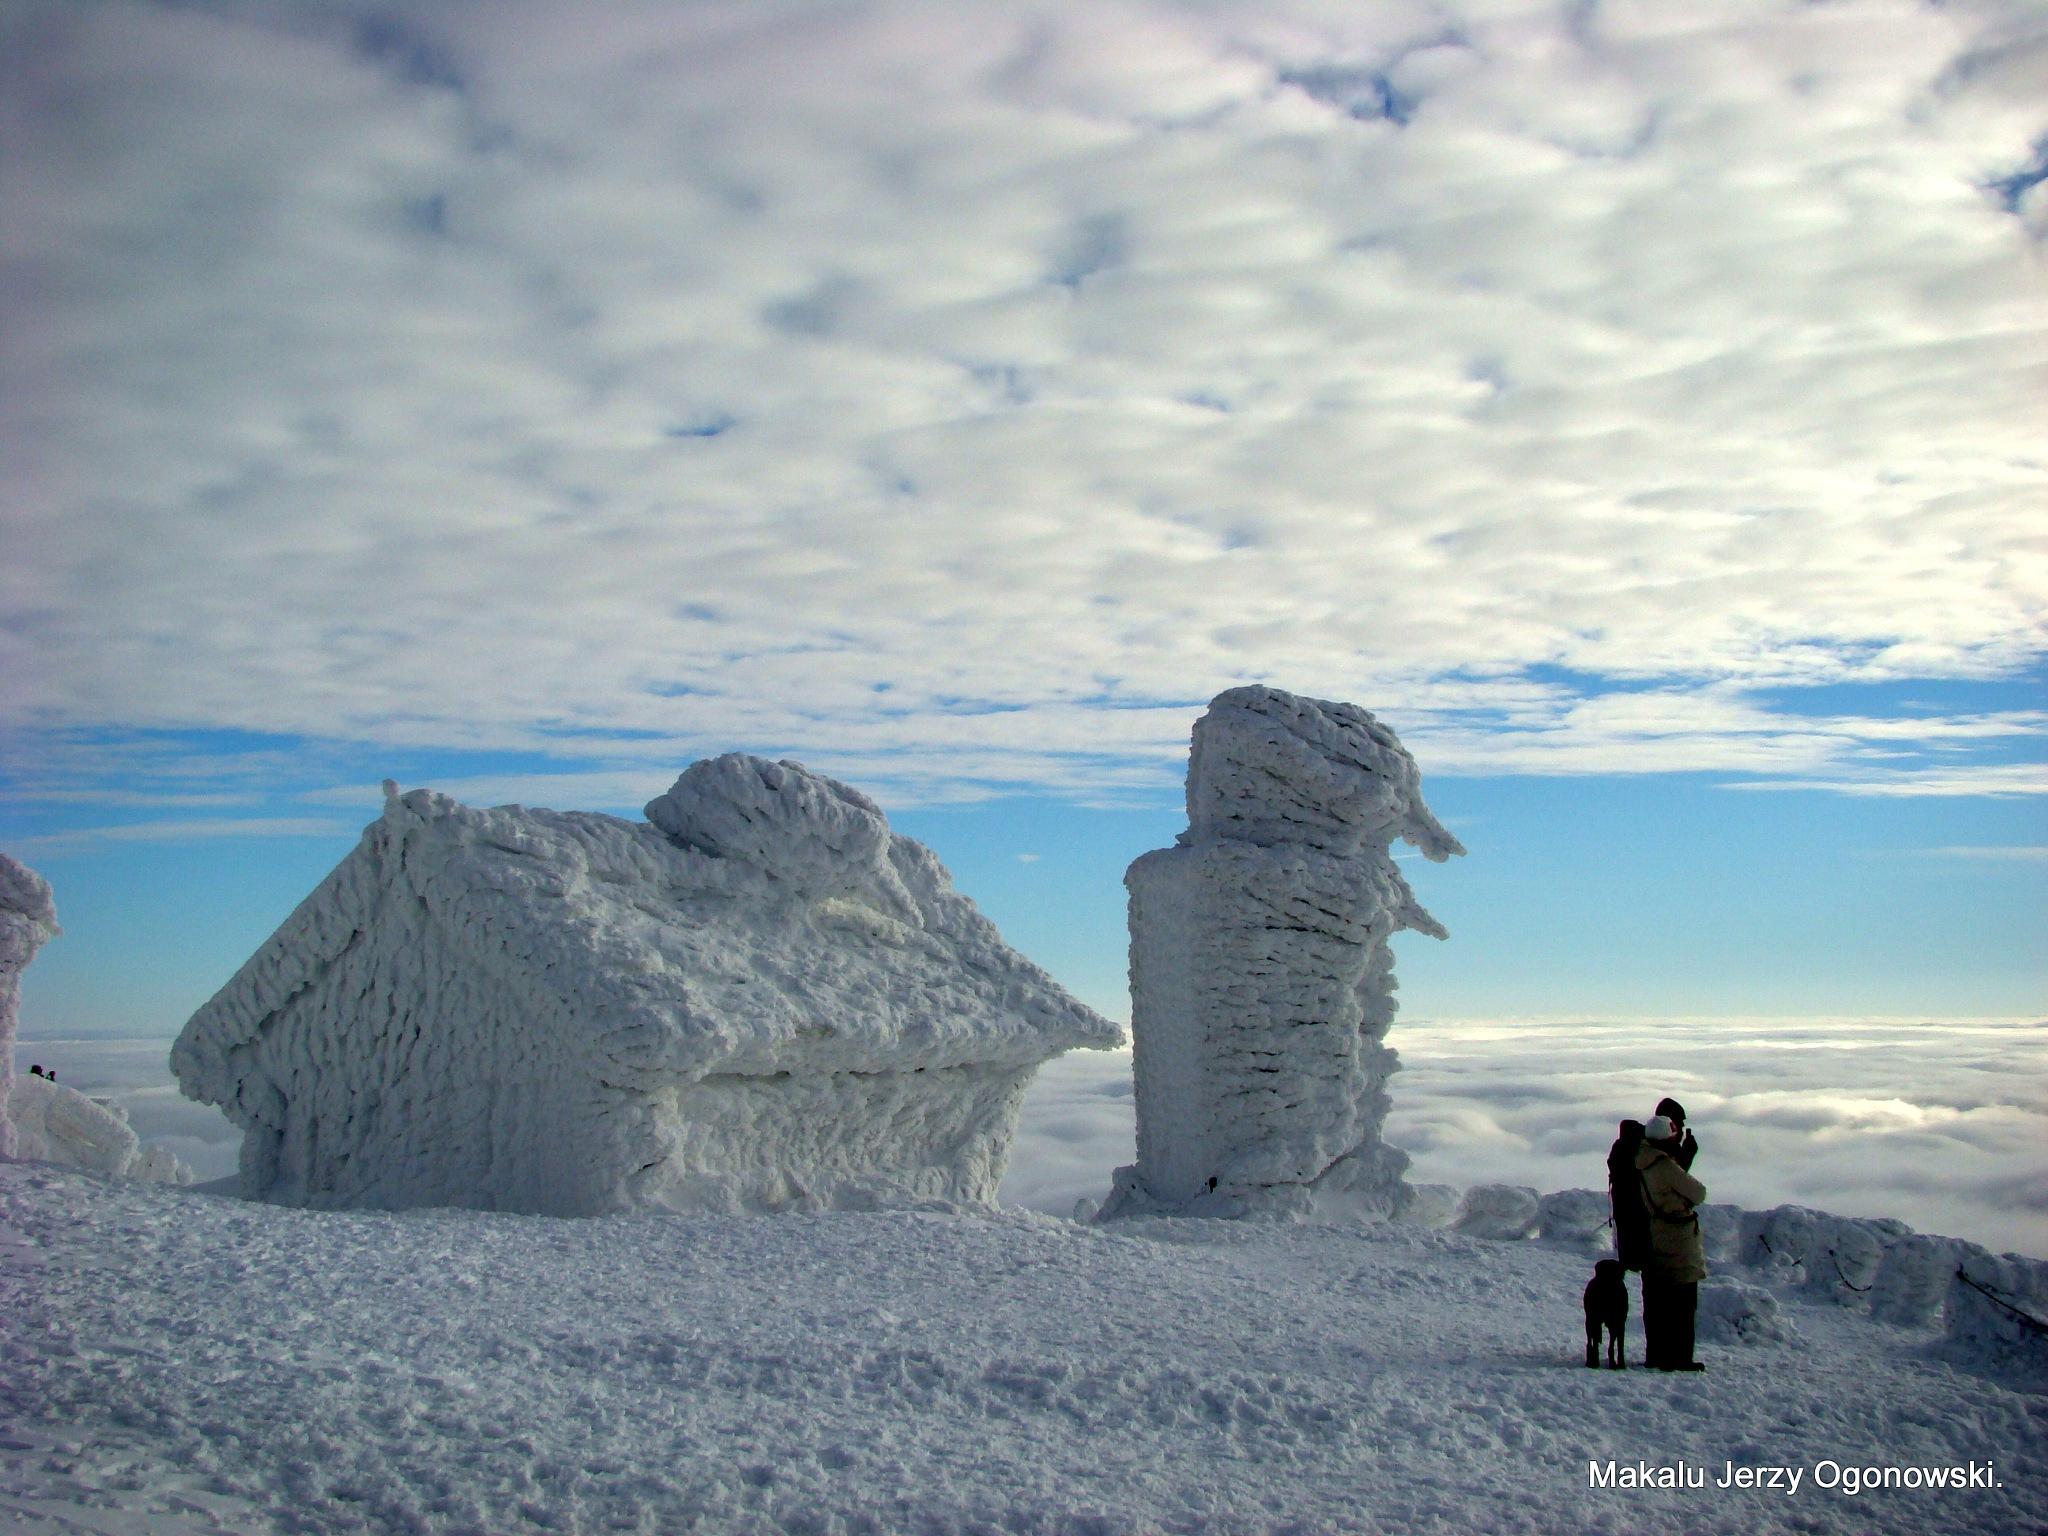 Mt.Śnieżka 1602m.Mountain Karkonosze.Border Poland -Czech Republic. by Makalu Jerzy Ogonowski